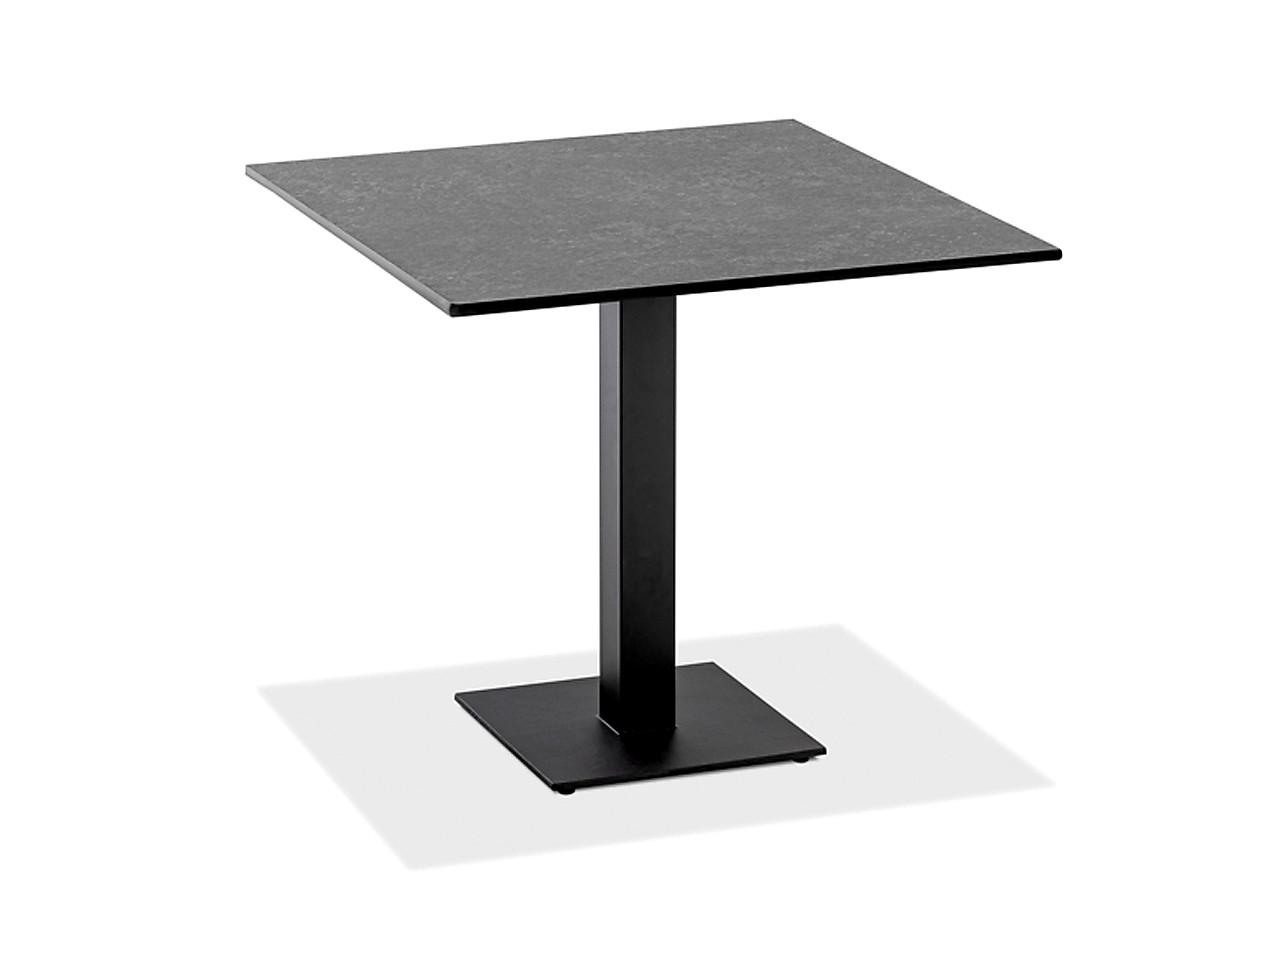 Niehoff Tisch Bistro quadratisch G510.006.048 95x95 cm Granit